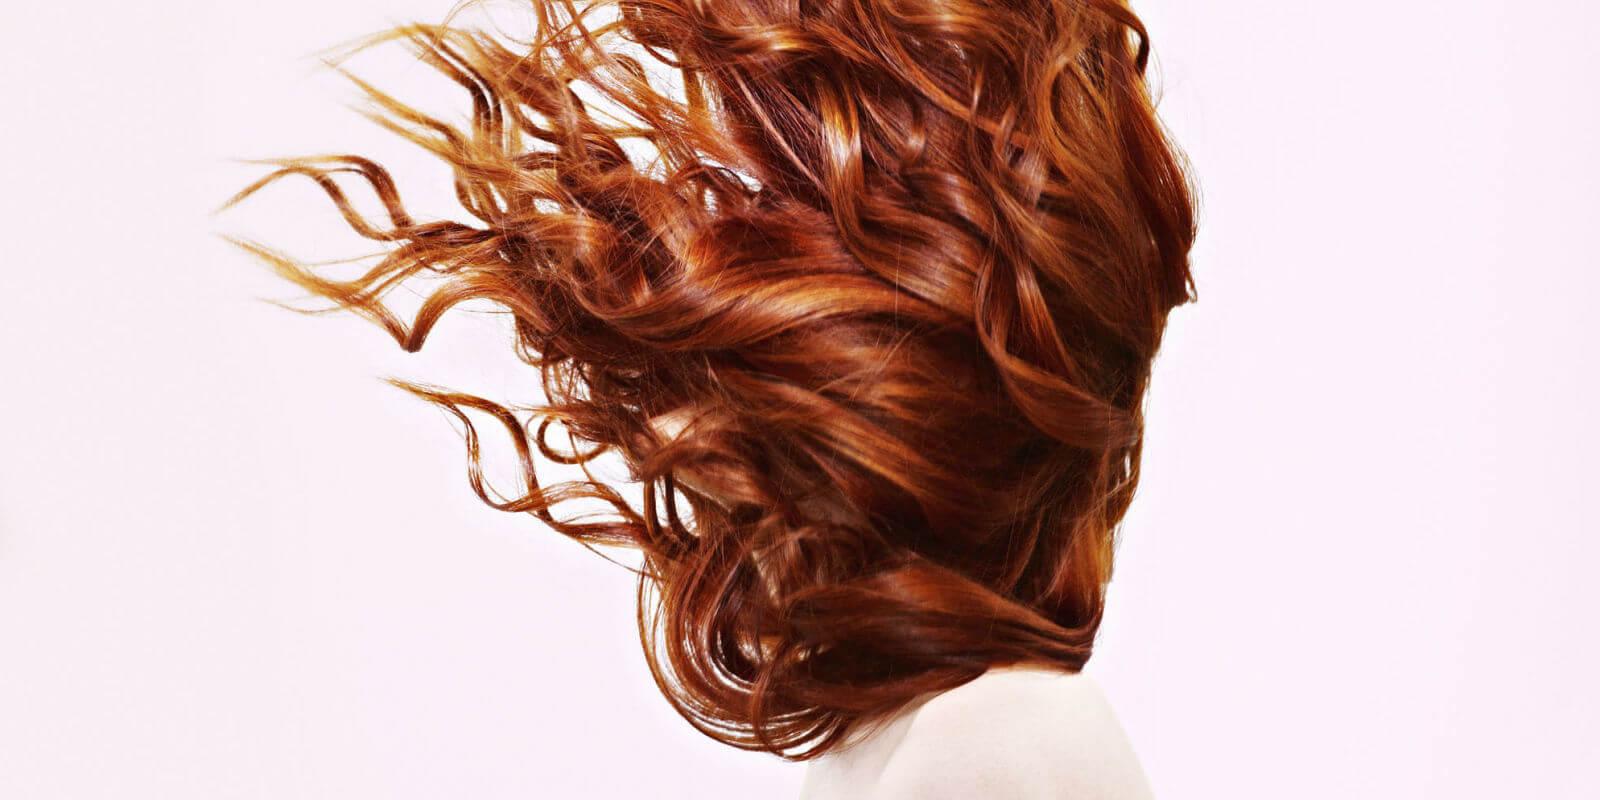 صور تكثيف الشعر الخفيف , طرق زيادة كثافة الشعر